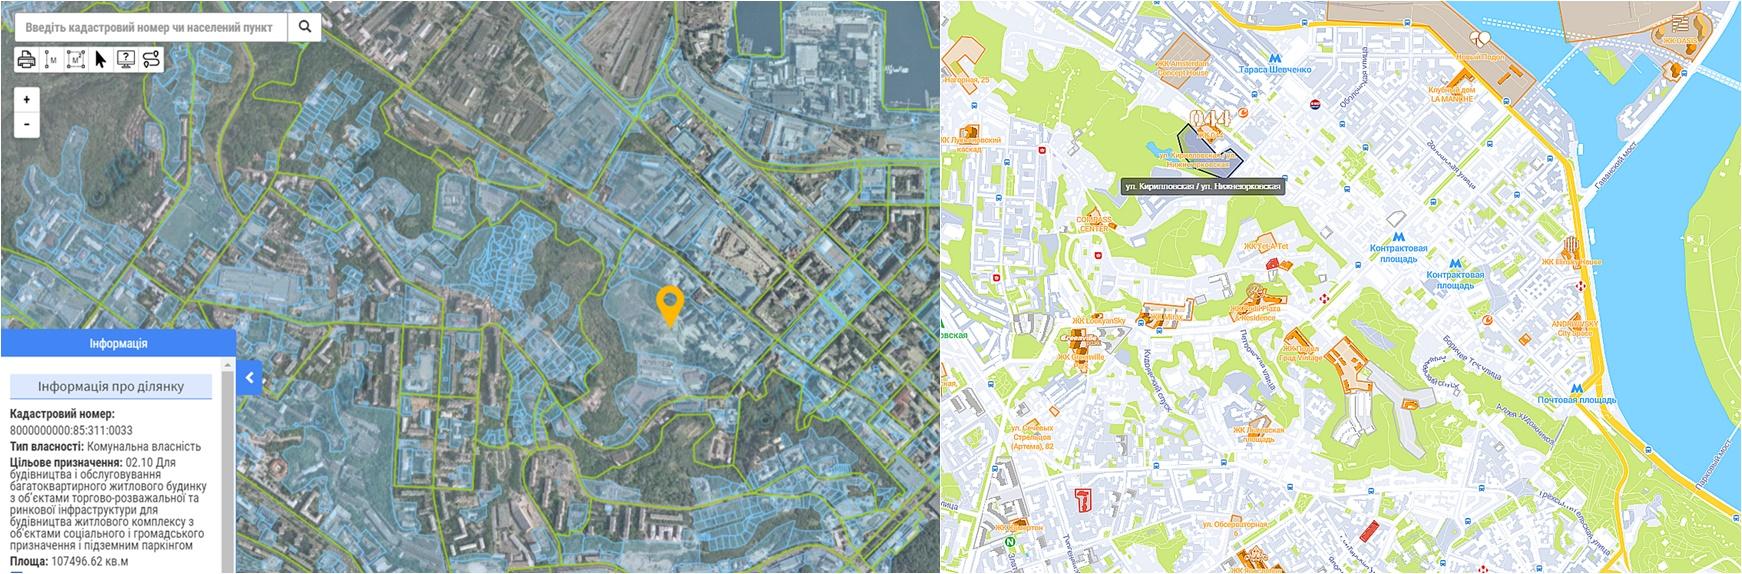 Проект ЖК между улицами Кирилловская и Нижнеюрковская данные кадастра и на карте